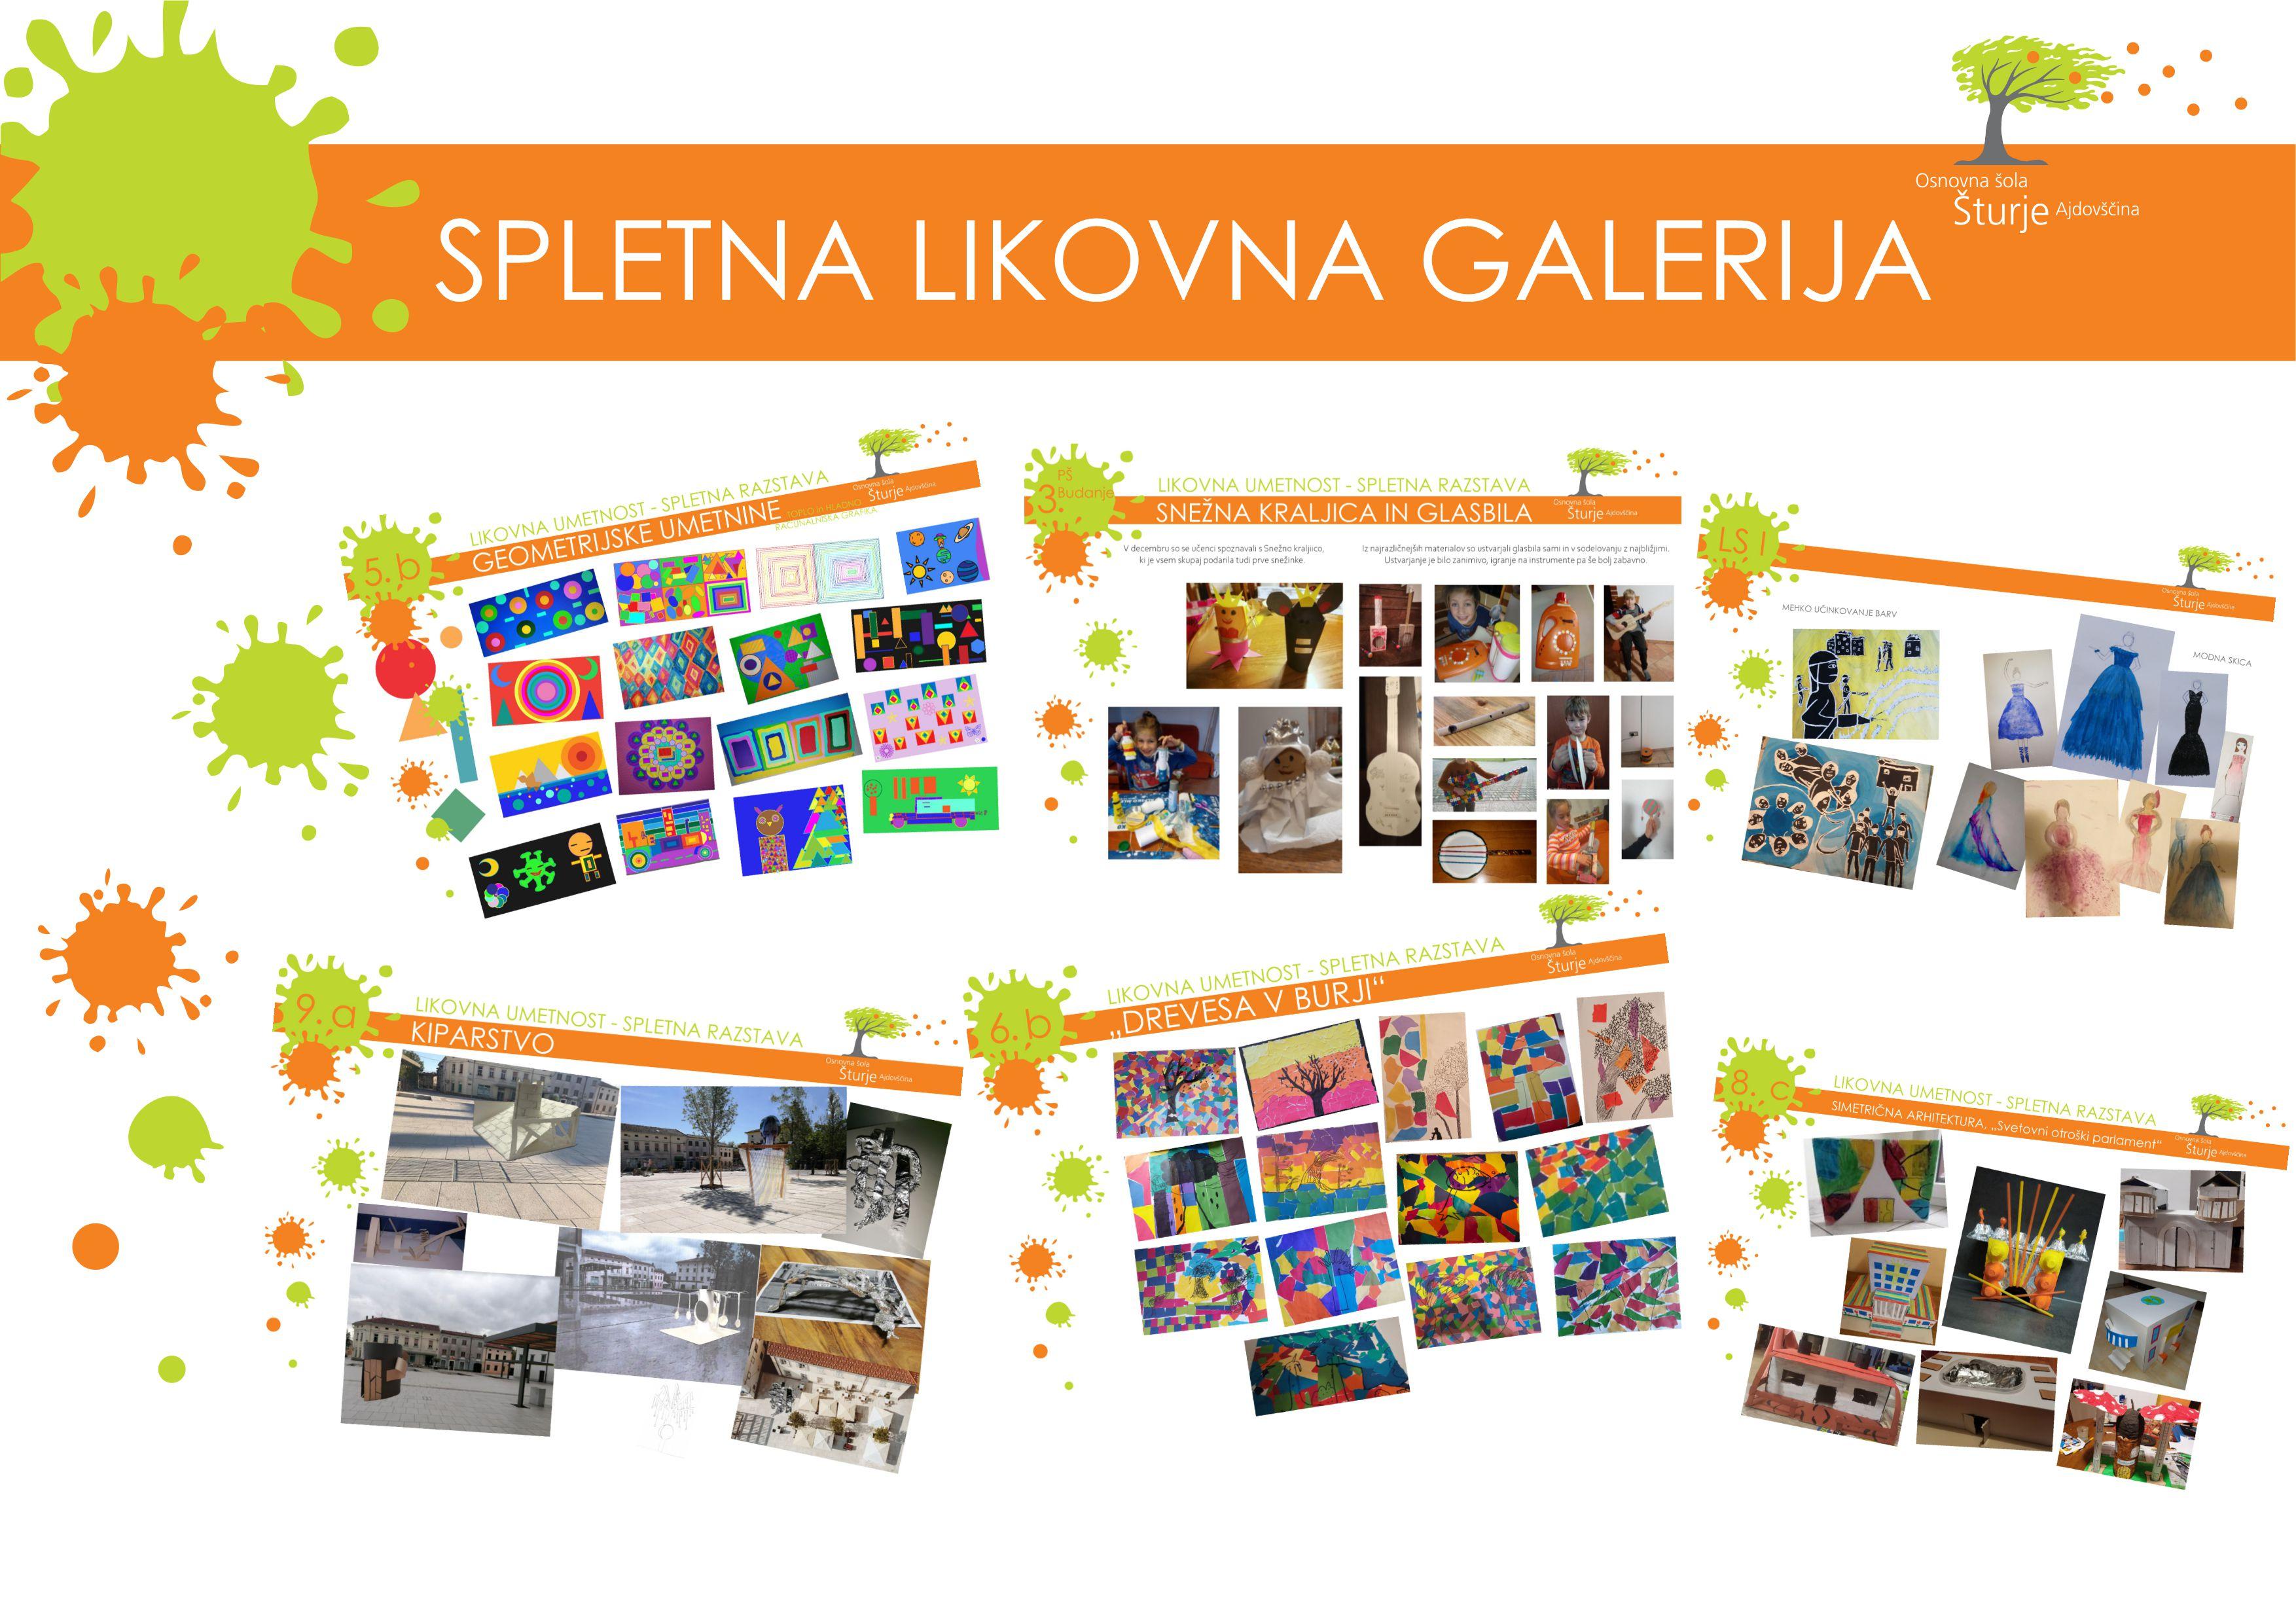 naslovnica-spletna-likovna-galerija